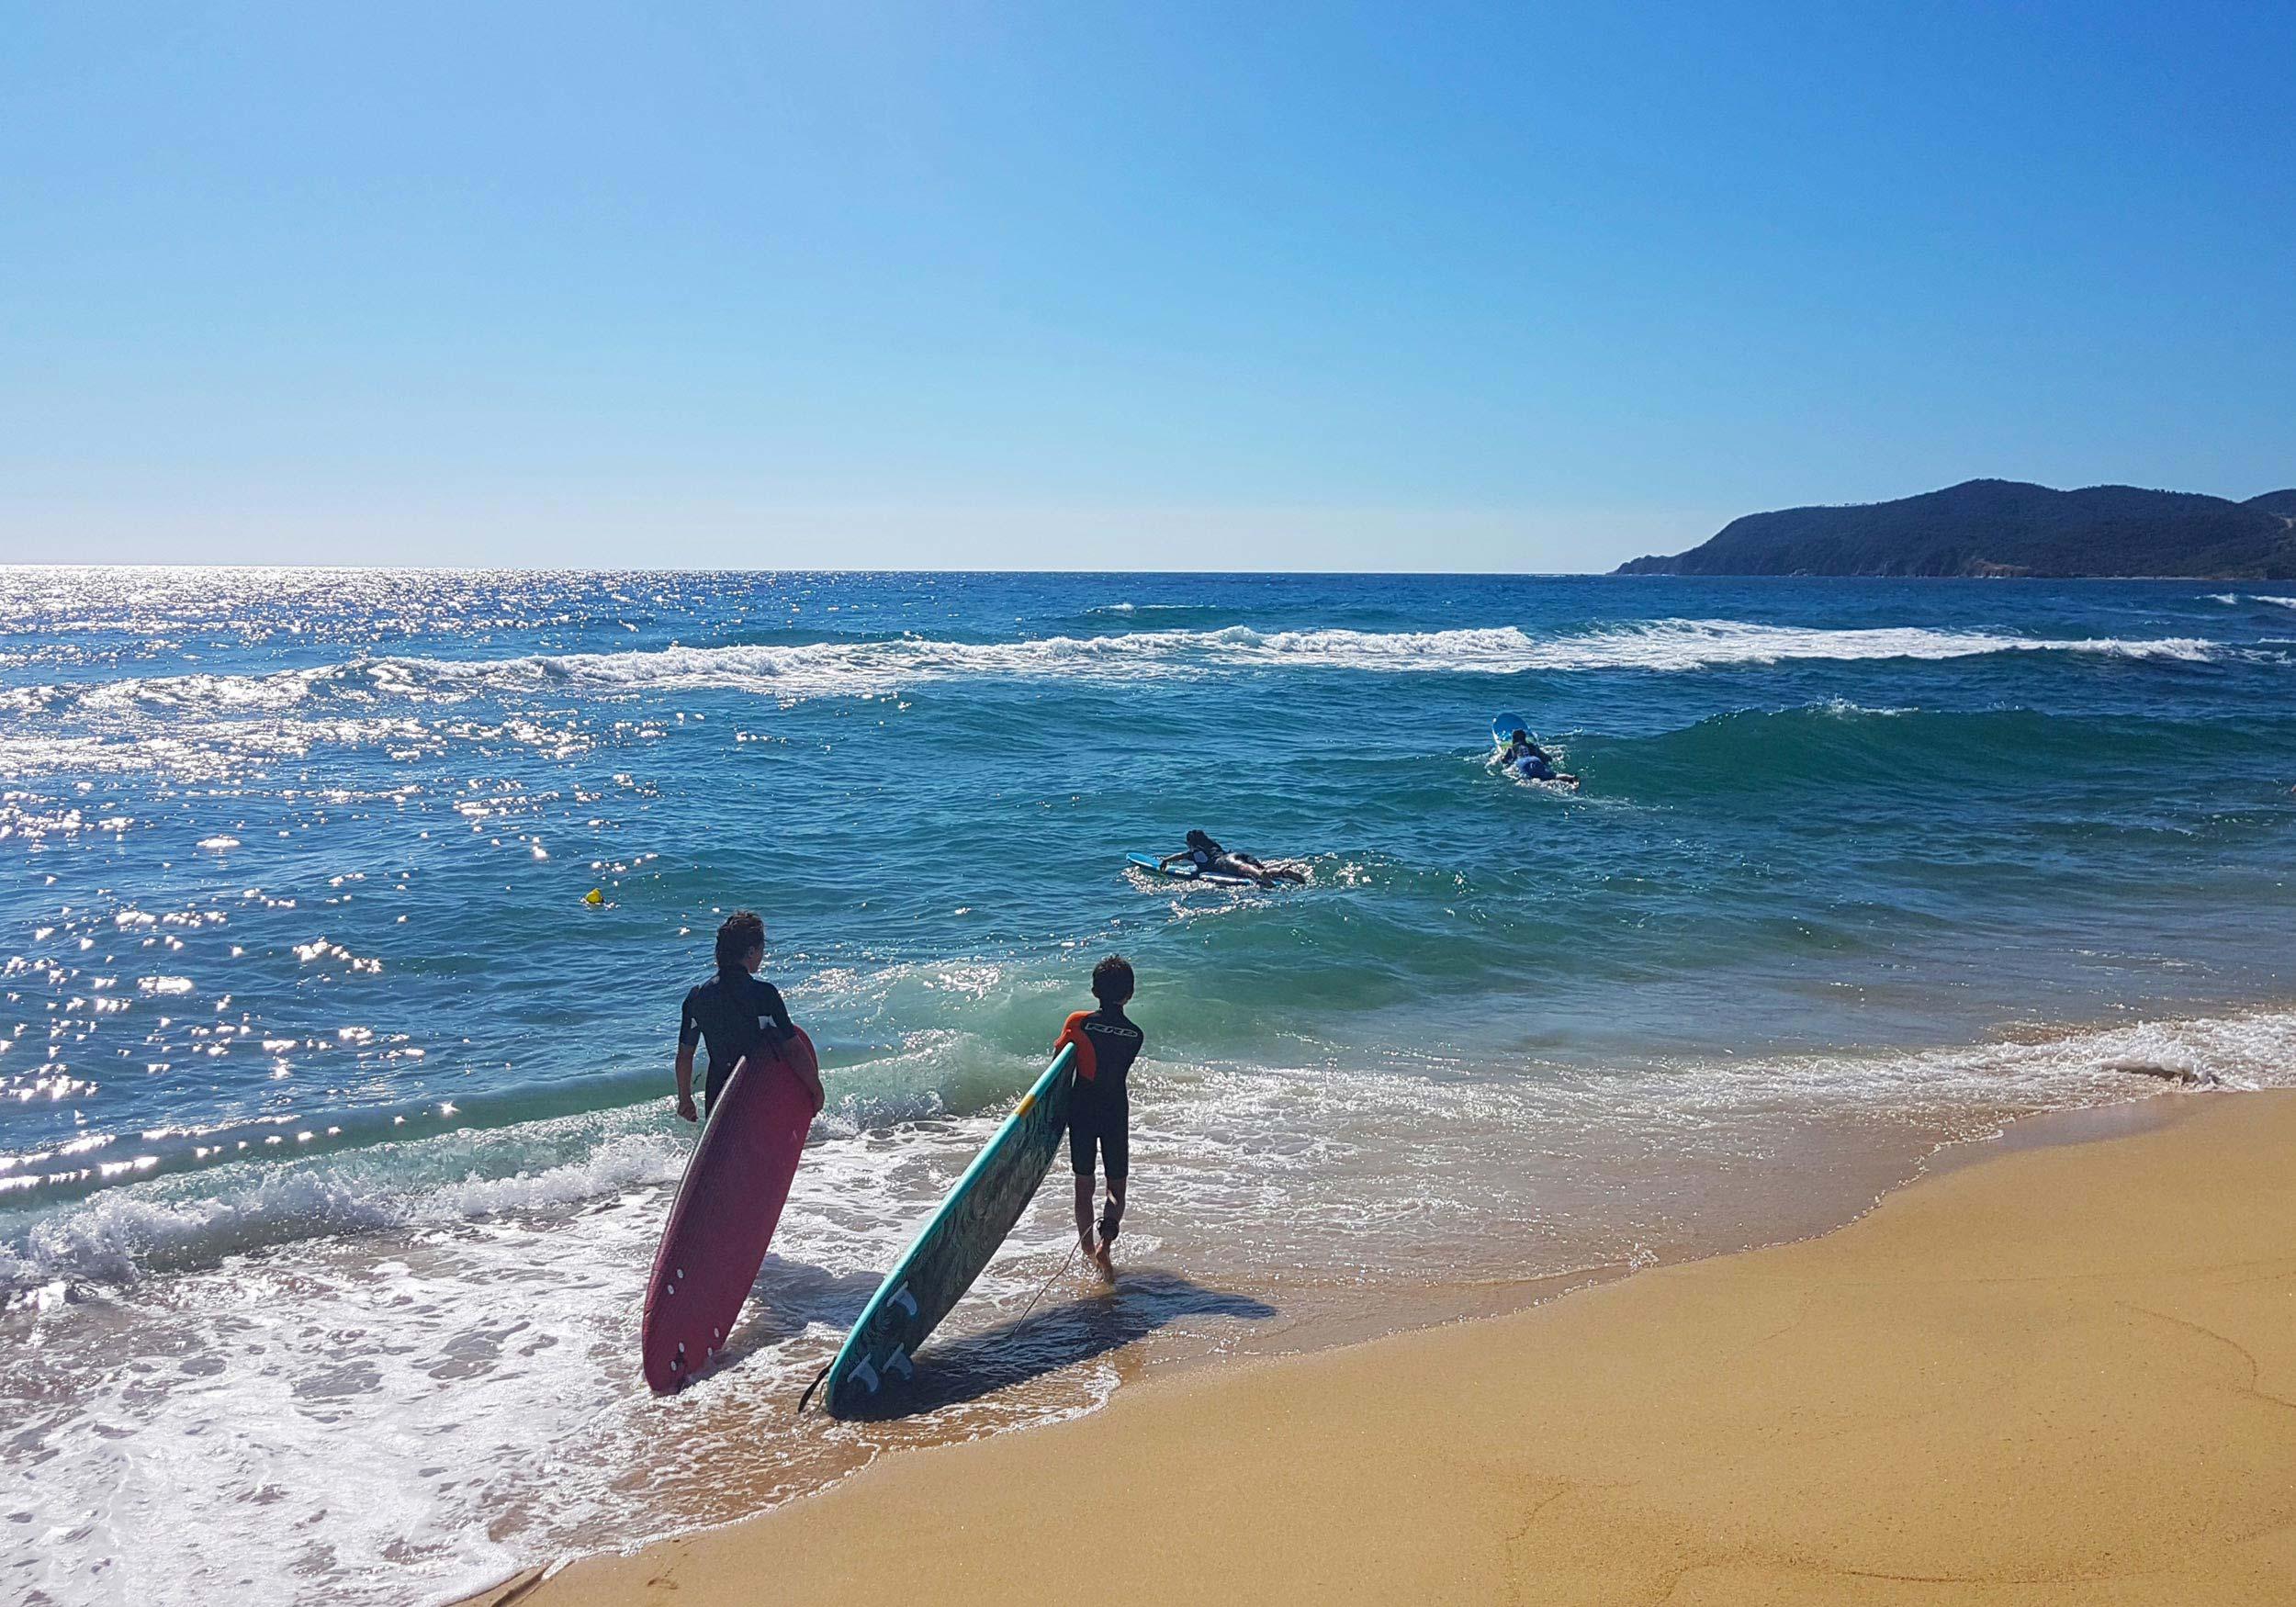 Gruppe von Surfern bereit, die Wellen zu reiten